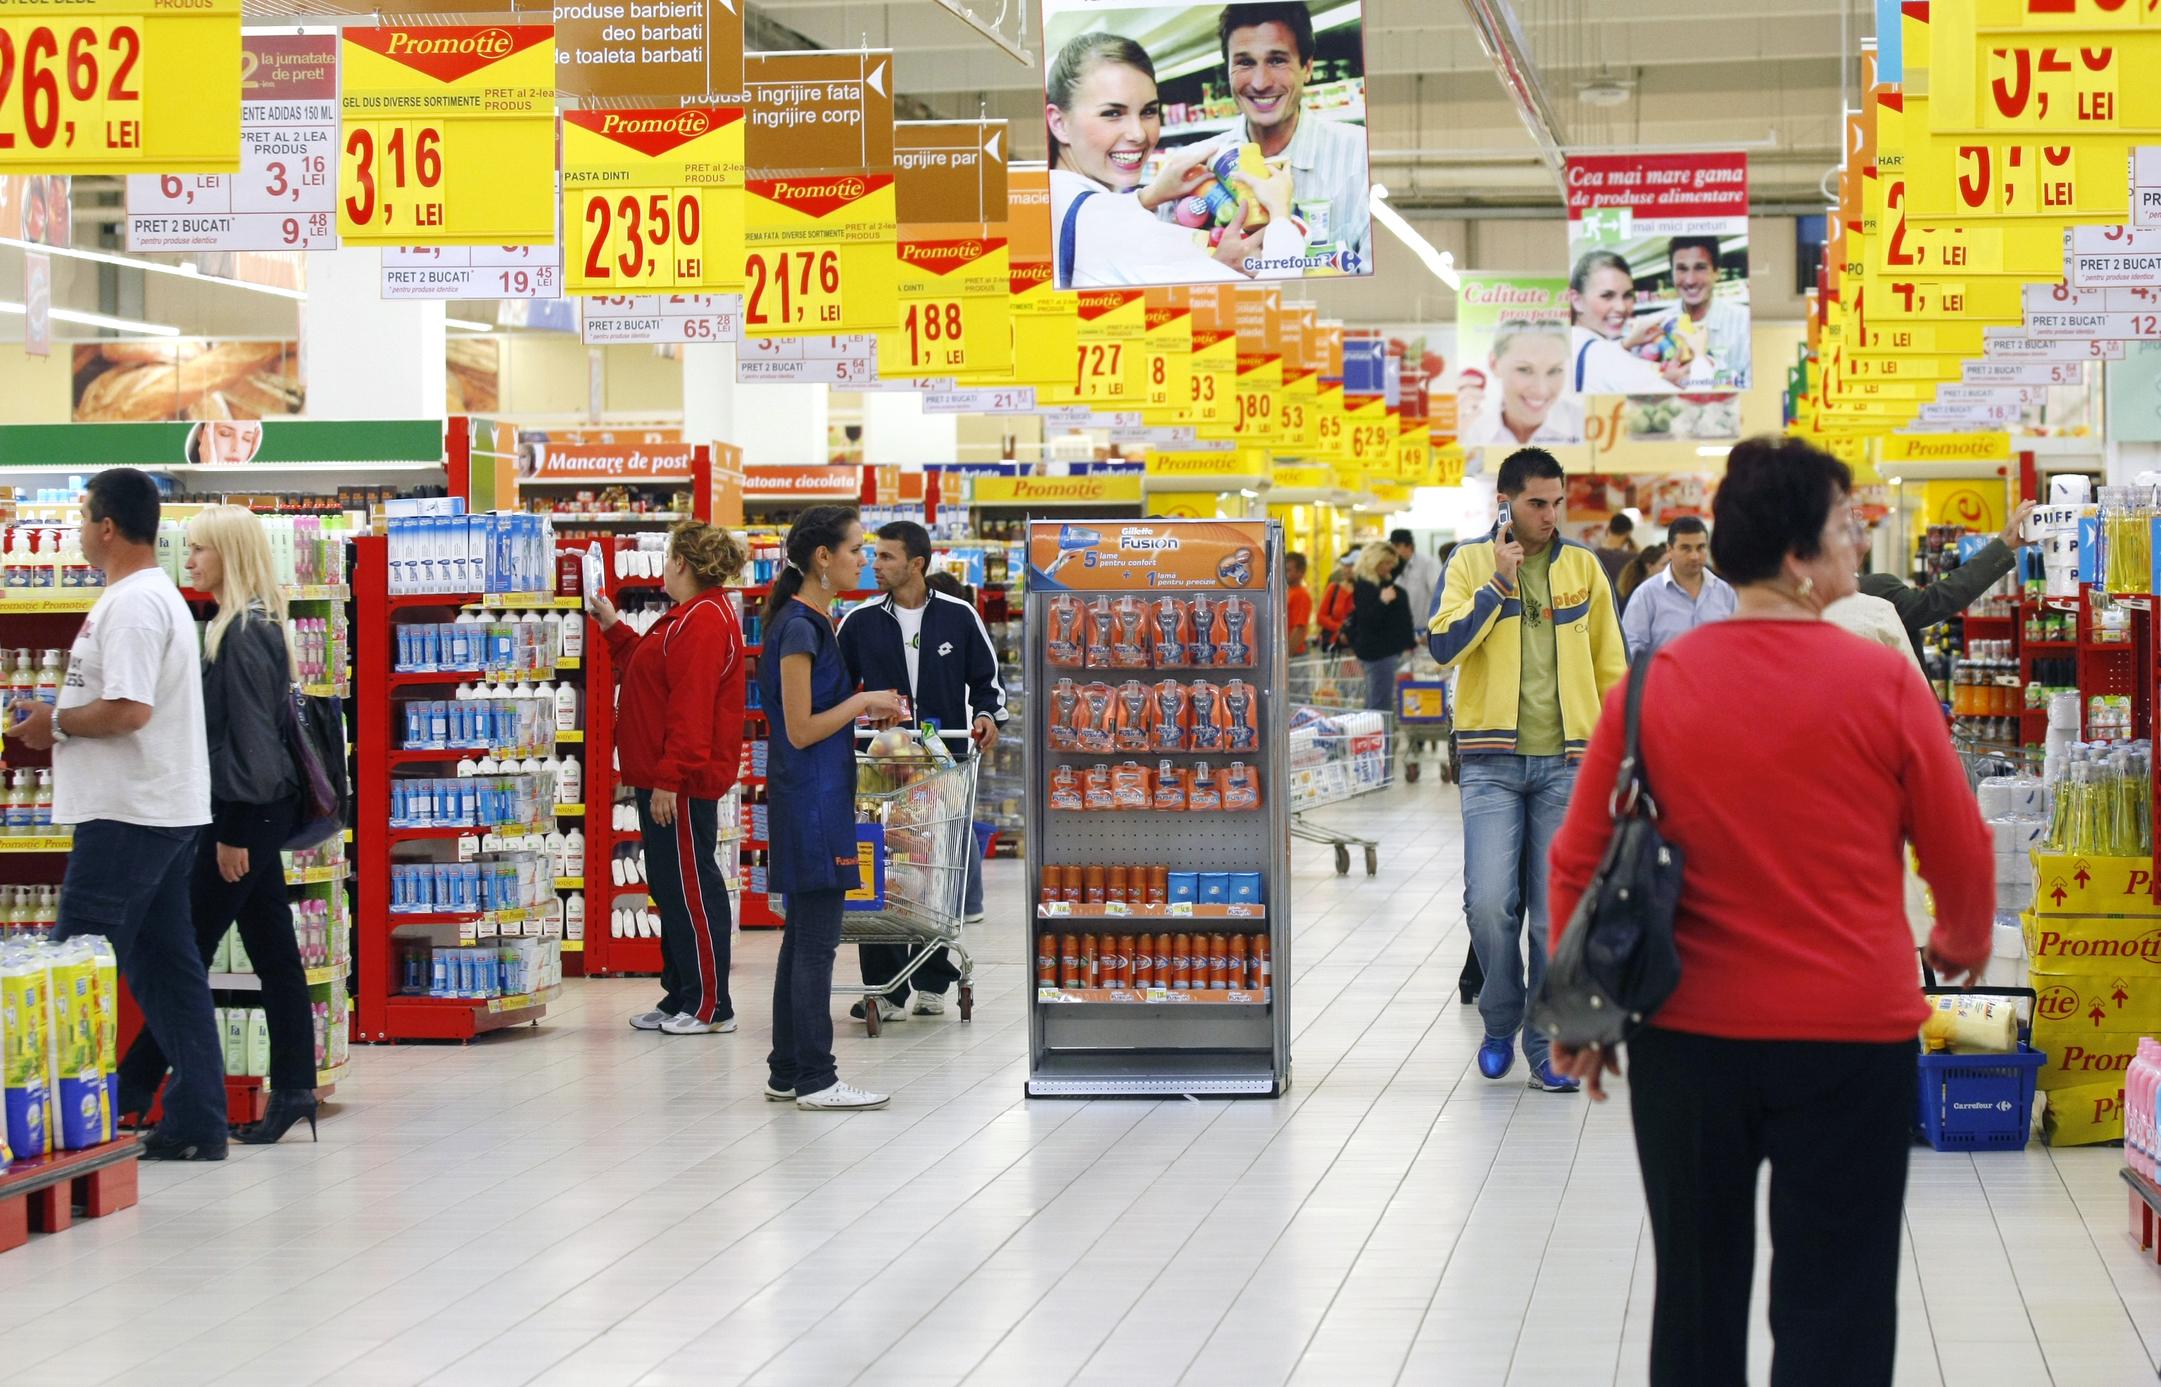 Supermarket in Magdeburg